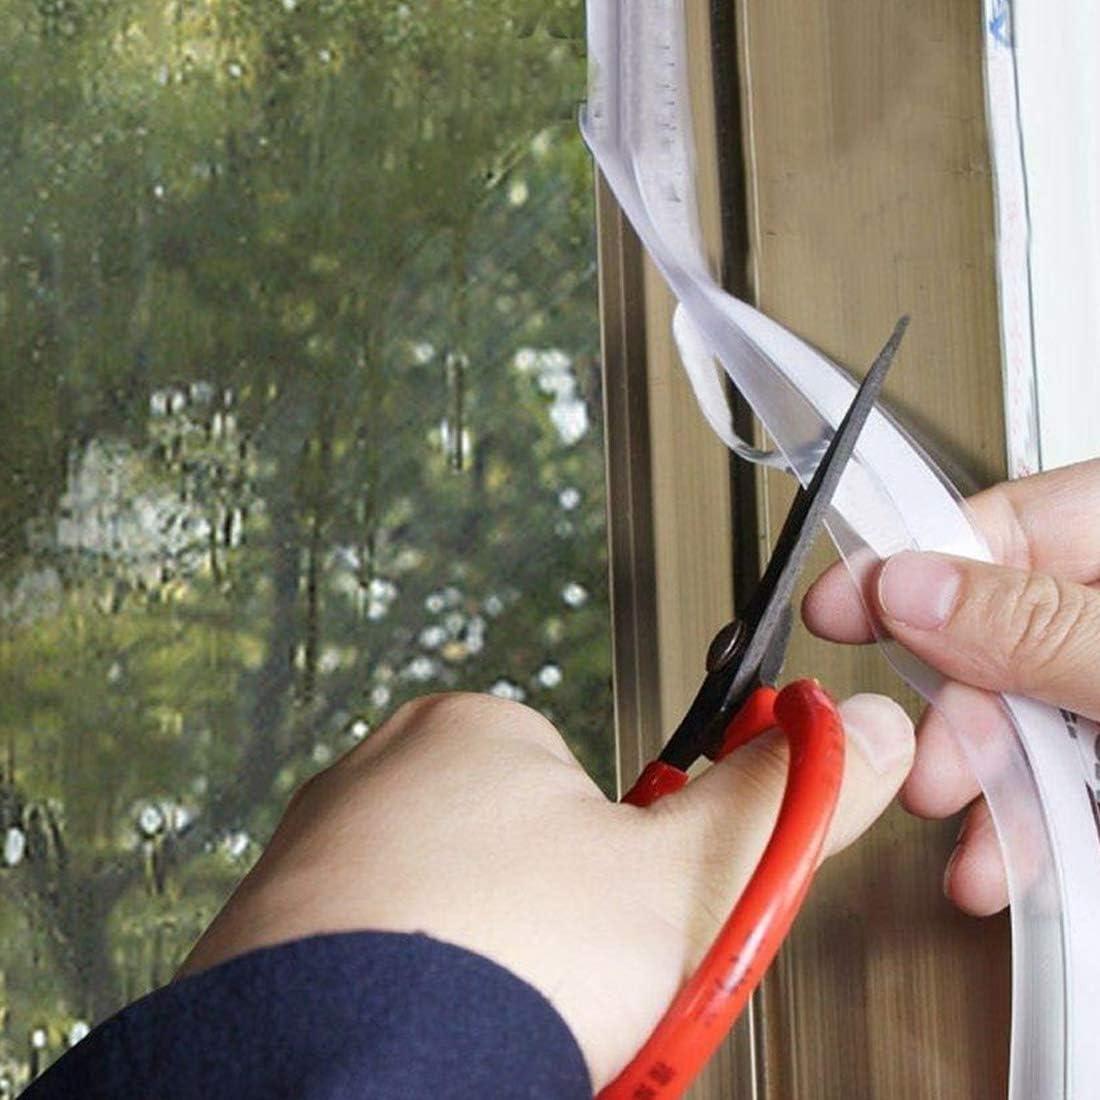 Pellisilot Door and Window Seals Self-adhesivedoor Seams Windproof Stickers Window Glass Door Soundproof Waterproof Strip